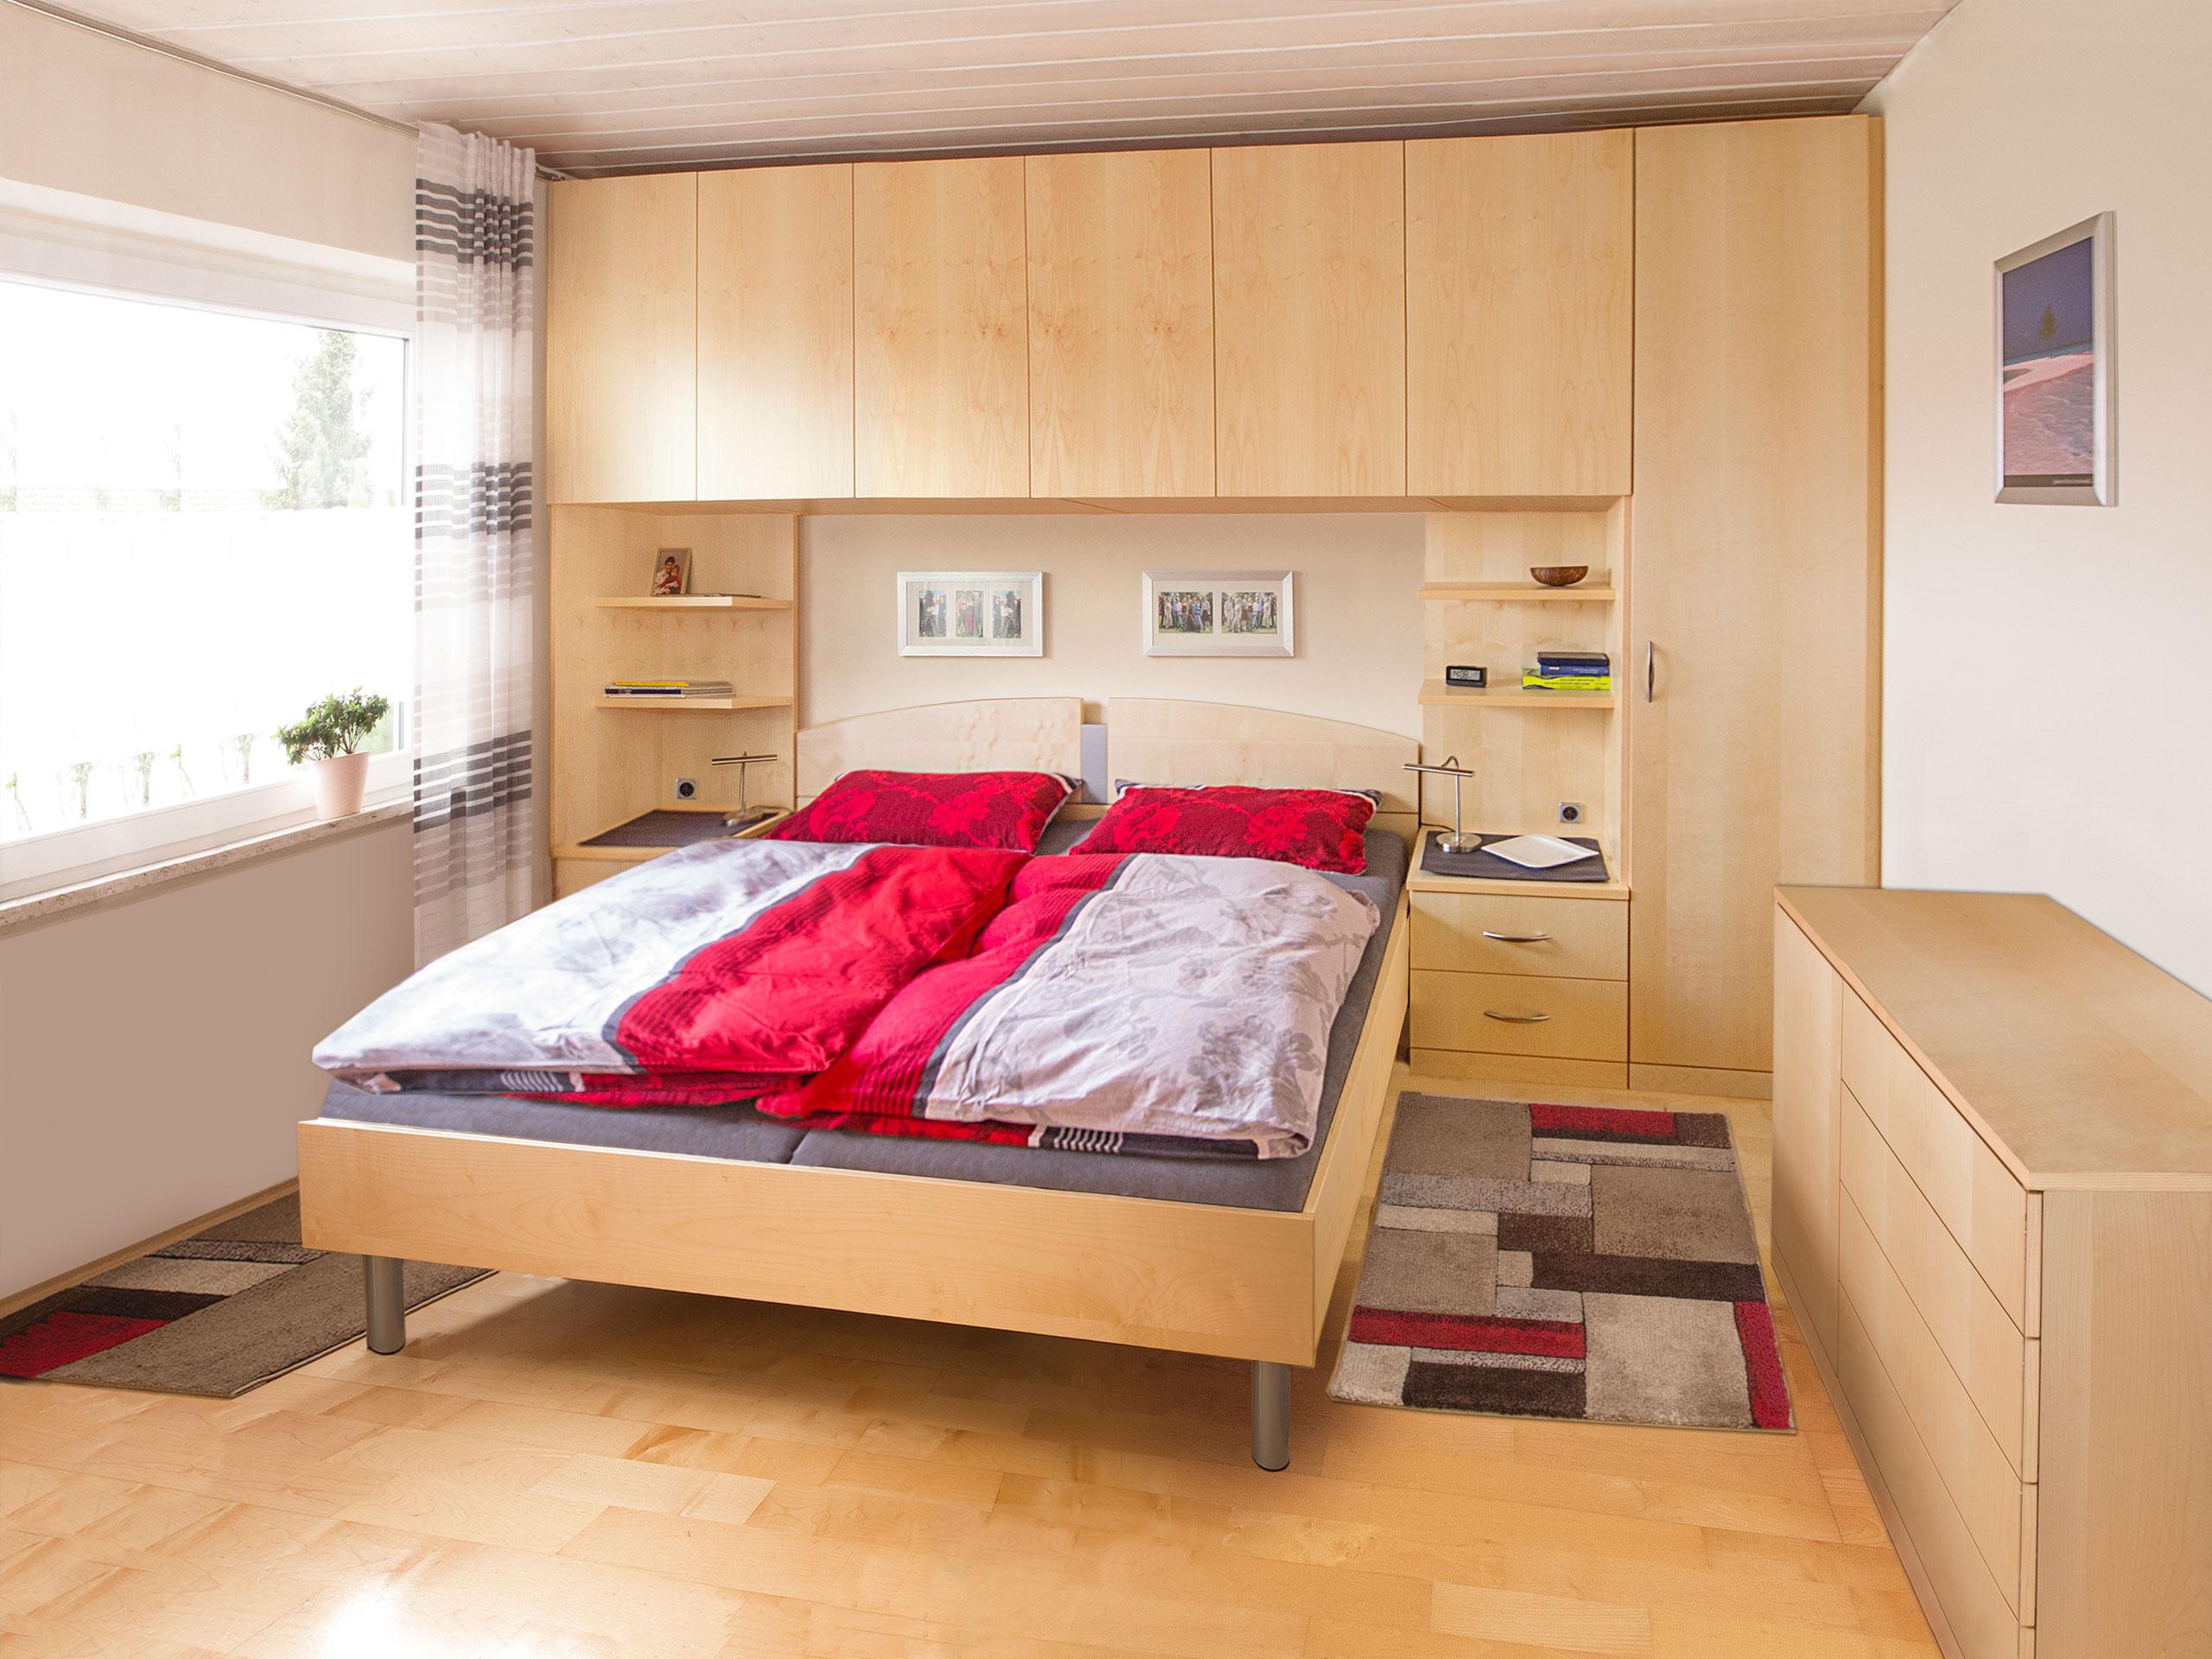 Full Size of überbau Schlafzimmer Modern Schlafen Urbana Mbel Modernes Bett 180x200 Komplett Guenstig Gardinen Schranksysteme Sofa Truhe Weiß Deckenlampe Günstig Rauch Wohnzimmer überbau Schlafzimmer Modern